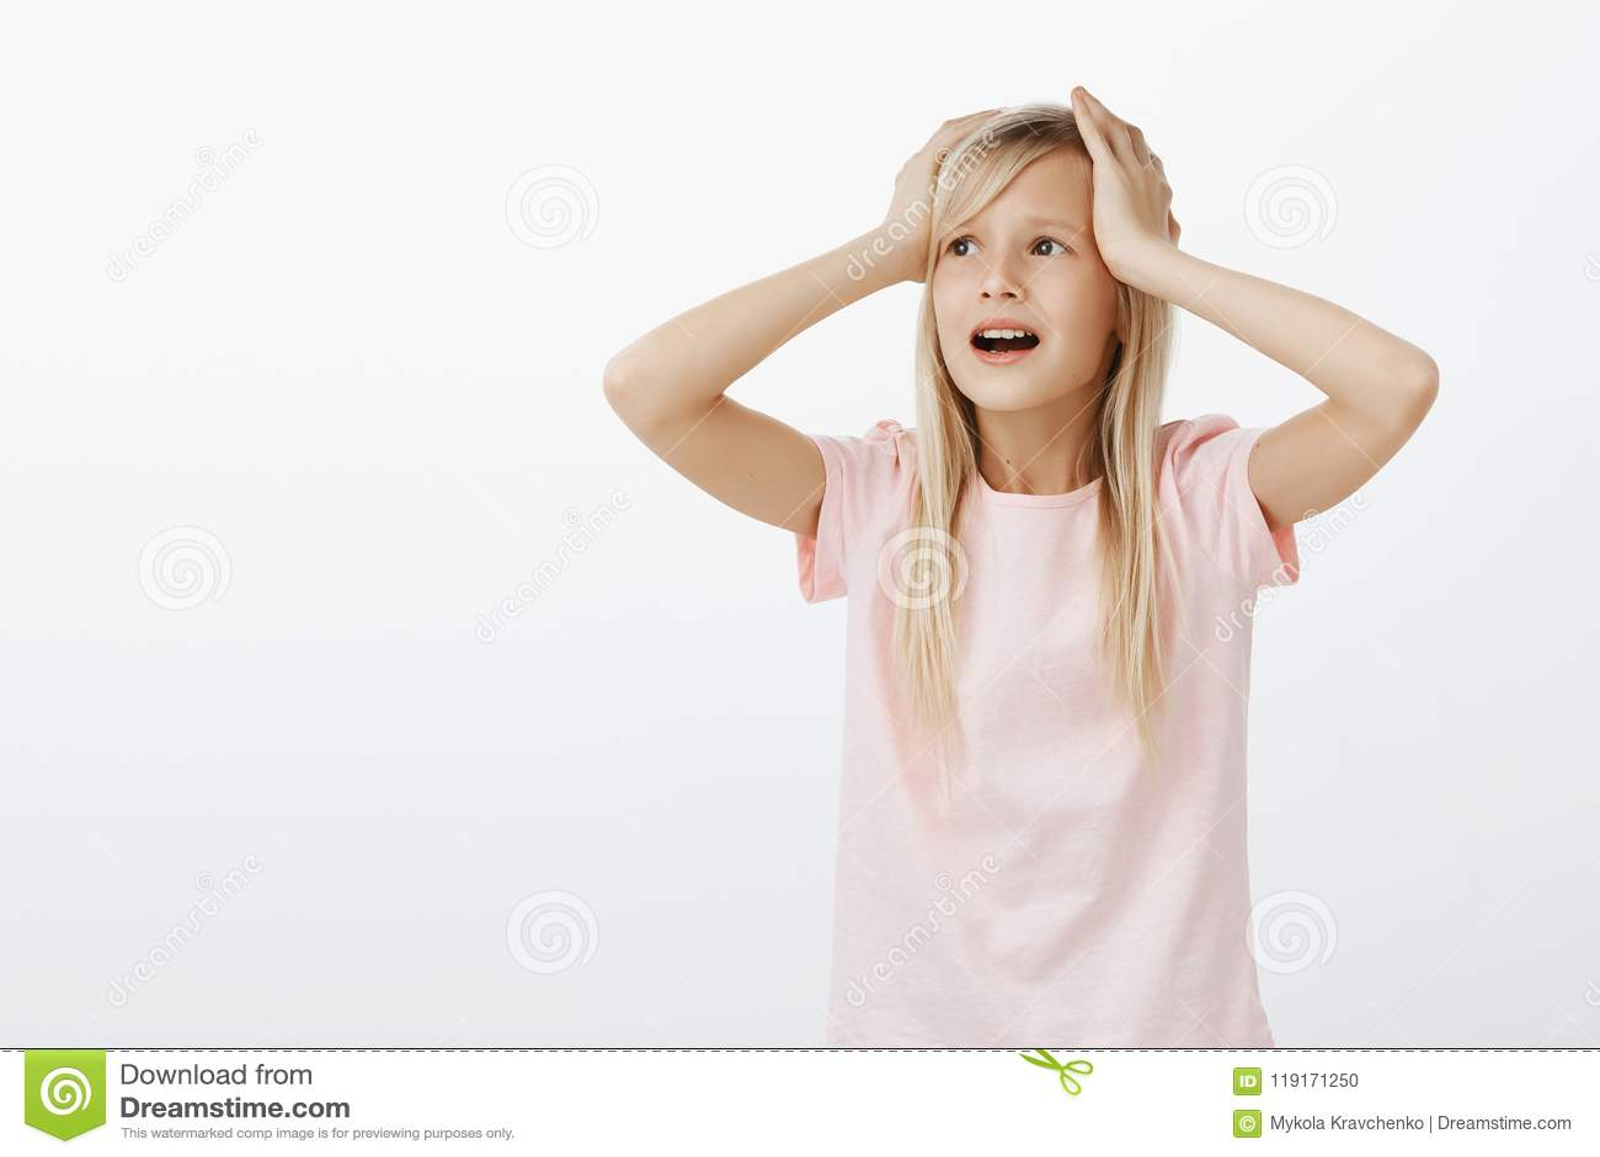 Che cosa io facciami, aiuti Ritratto della ragazza terrorizzata ansiosa, ritenente sconcertante e disturbato, guardando da parte